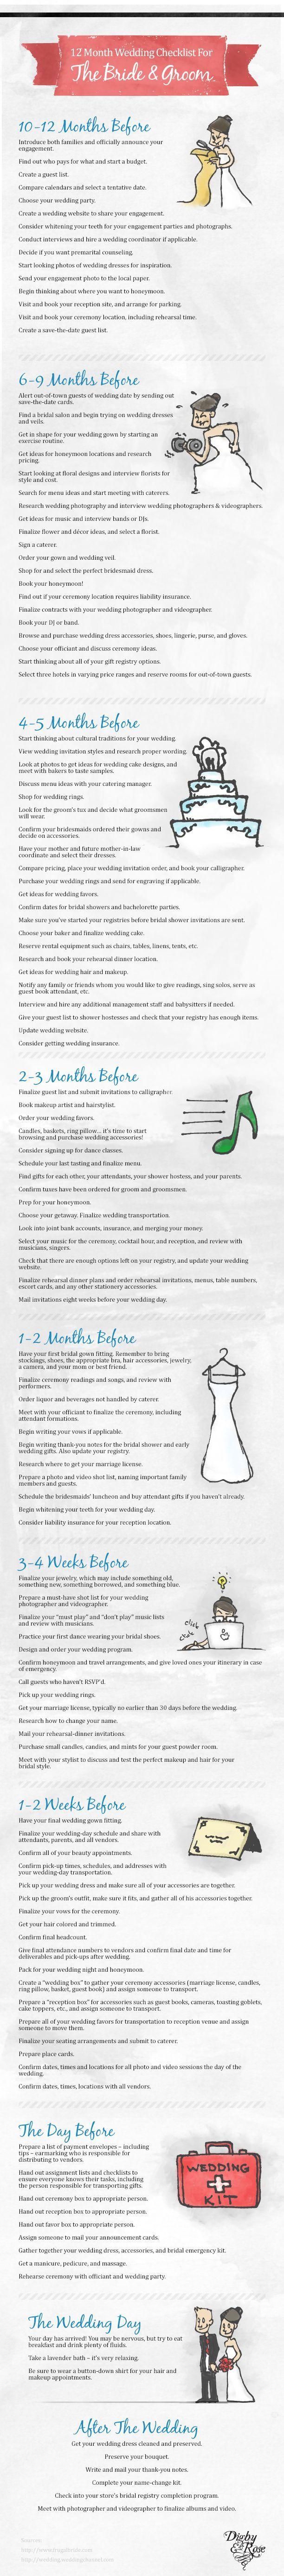 Month Wedding Checklist Wedding Planning Series   Months